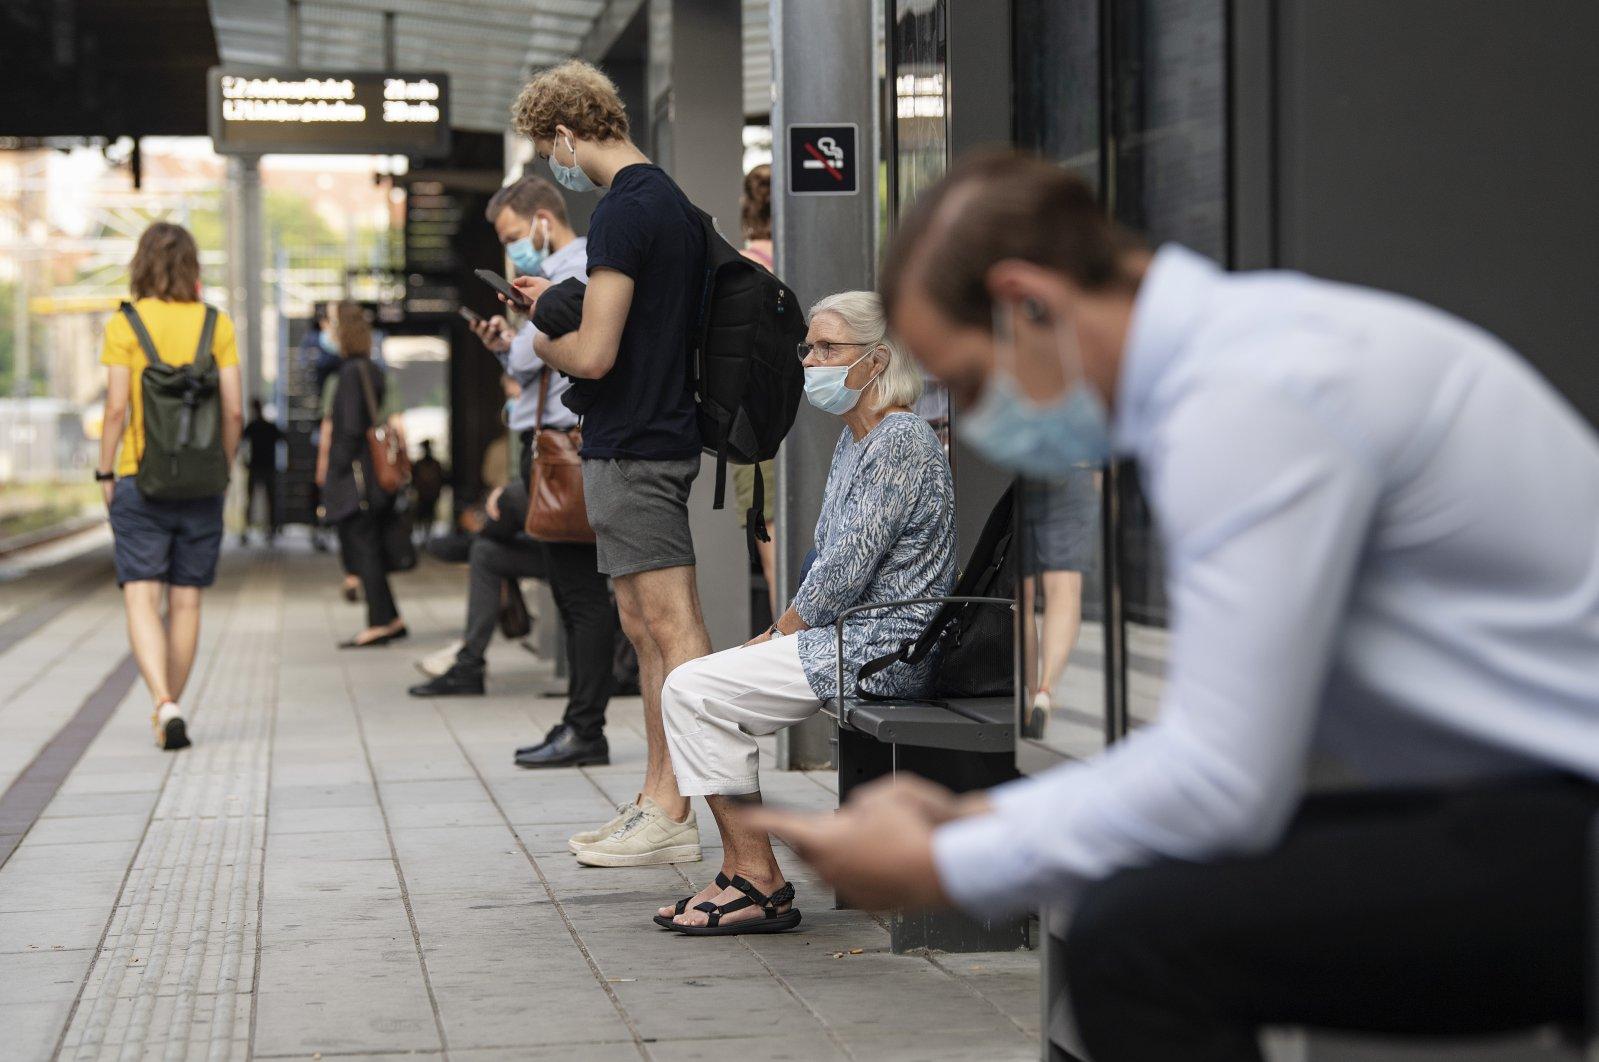 Passengers wear masks as they wait for a tram in Aarhus, Denmark, 10 August 2020. (EPAEFE Photo)